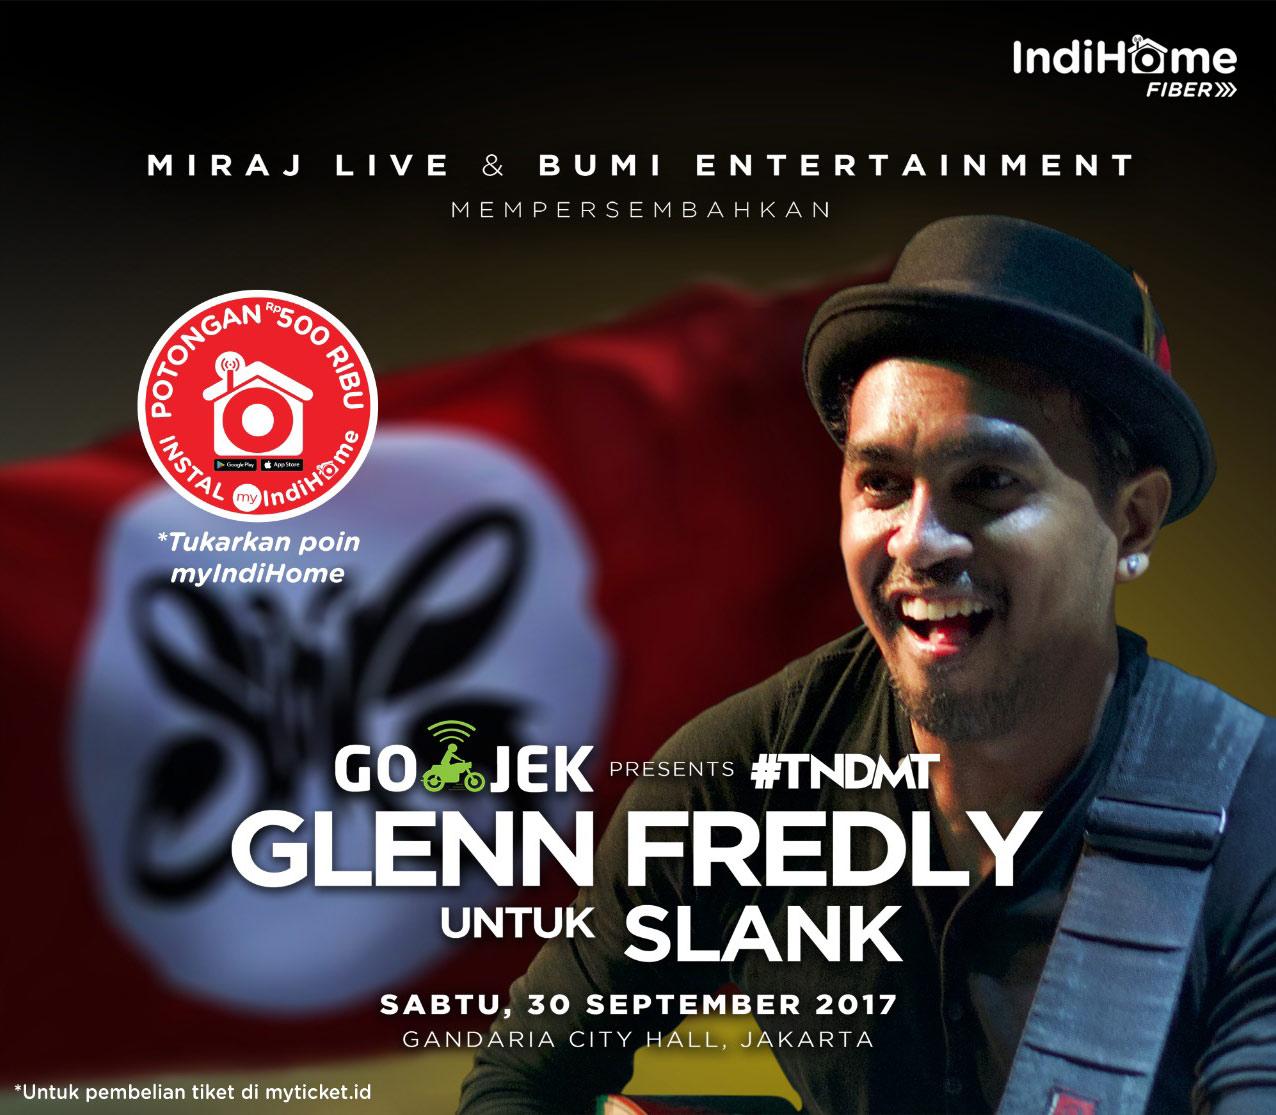 Konser-TNDMT-Glenn-Fredly-untuk_64882_WCS_D.jpg